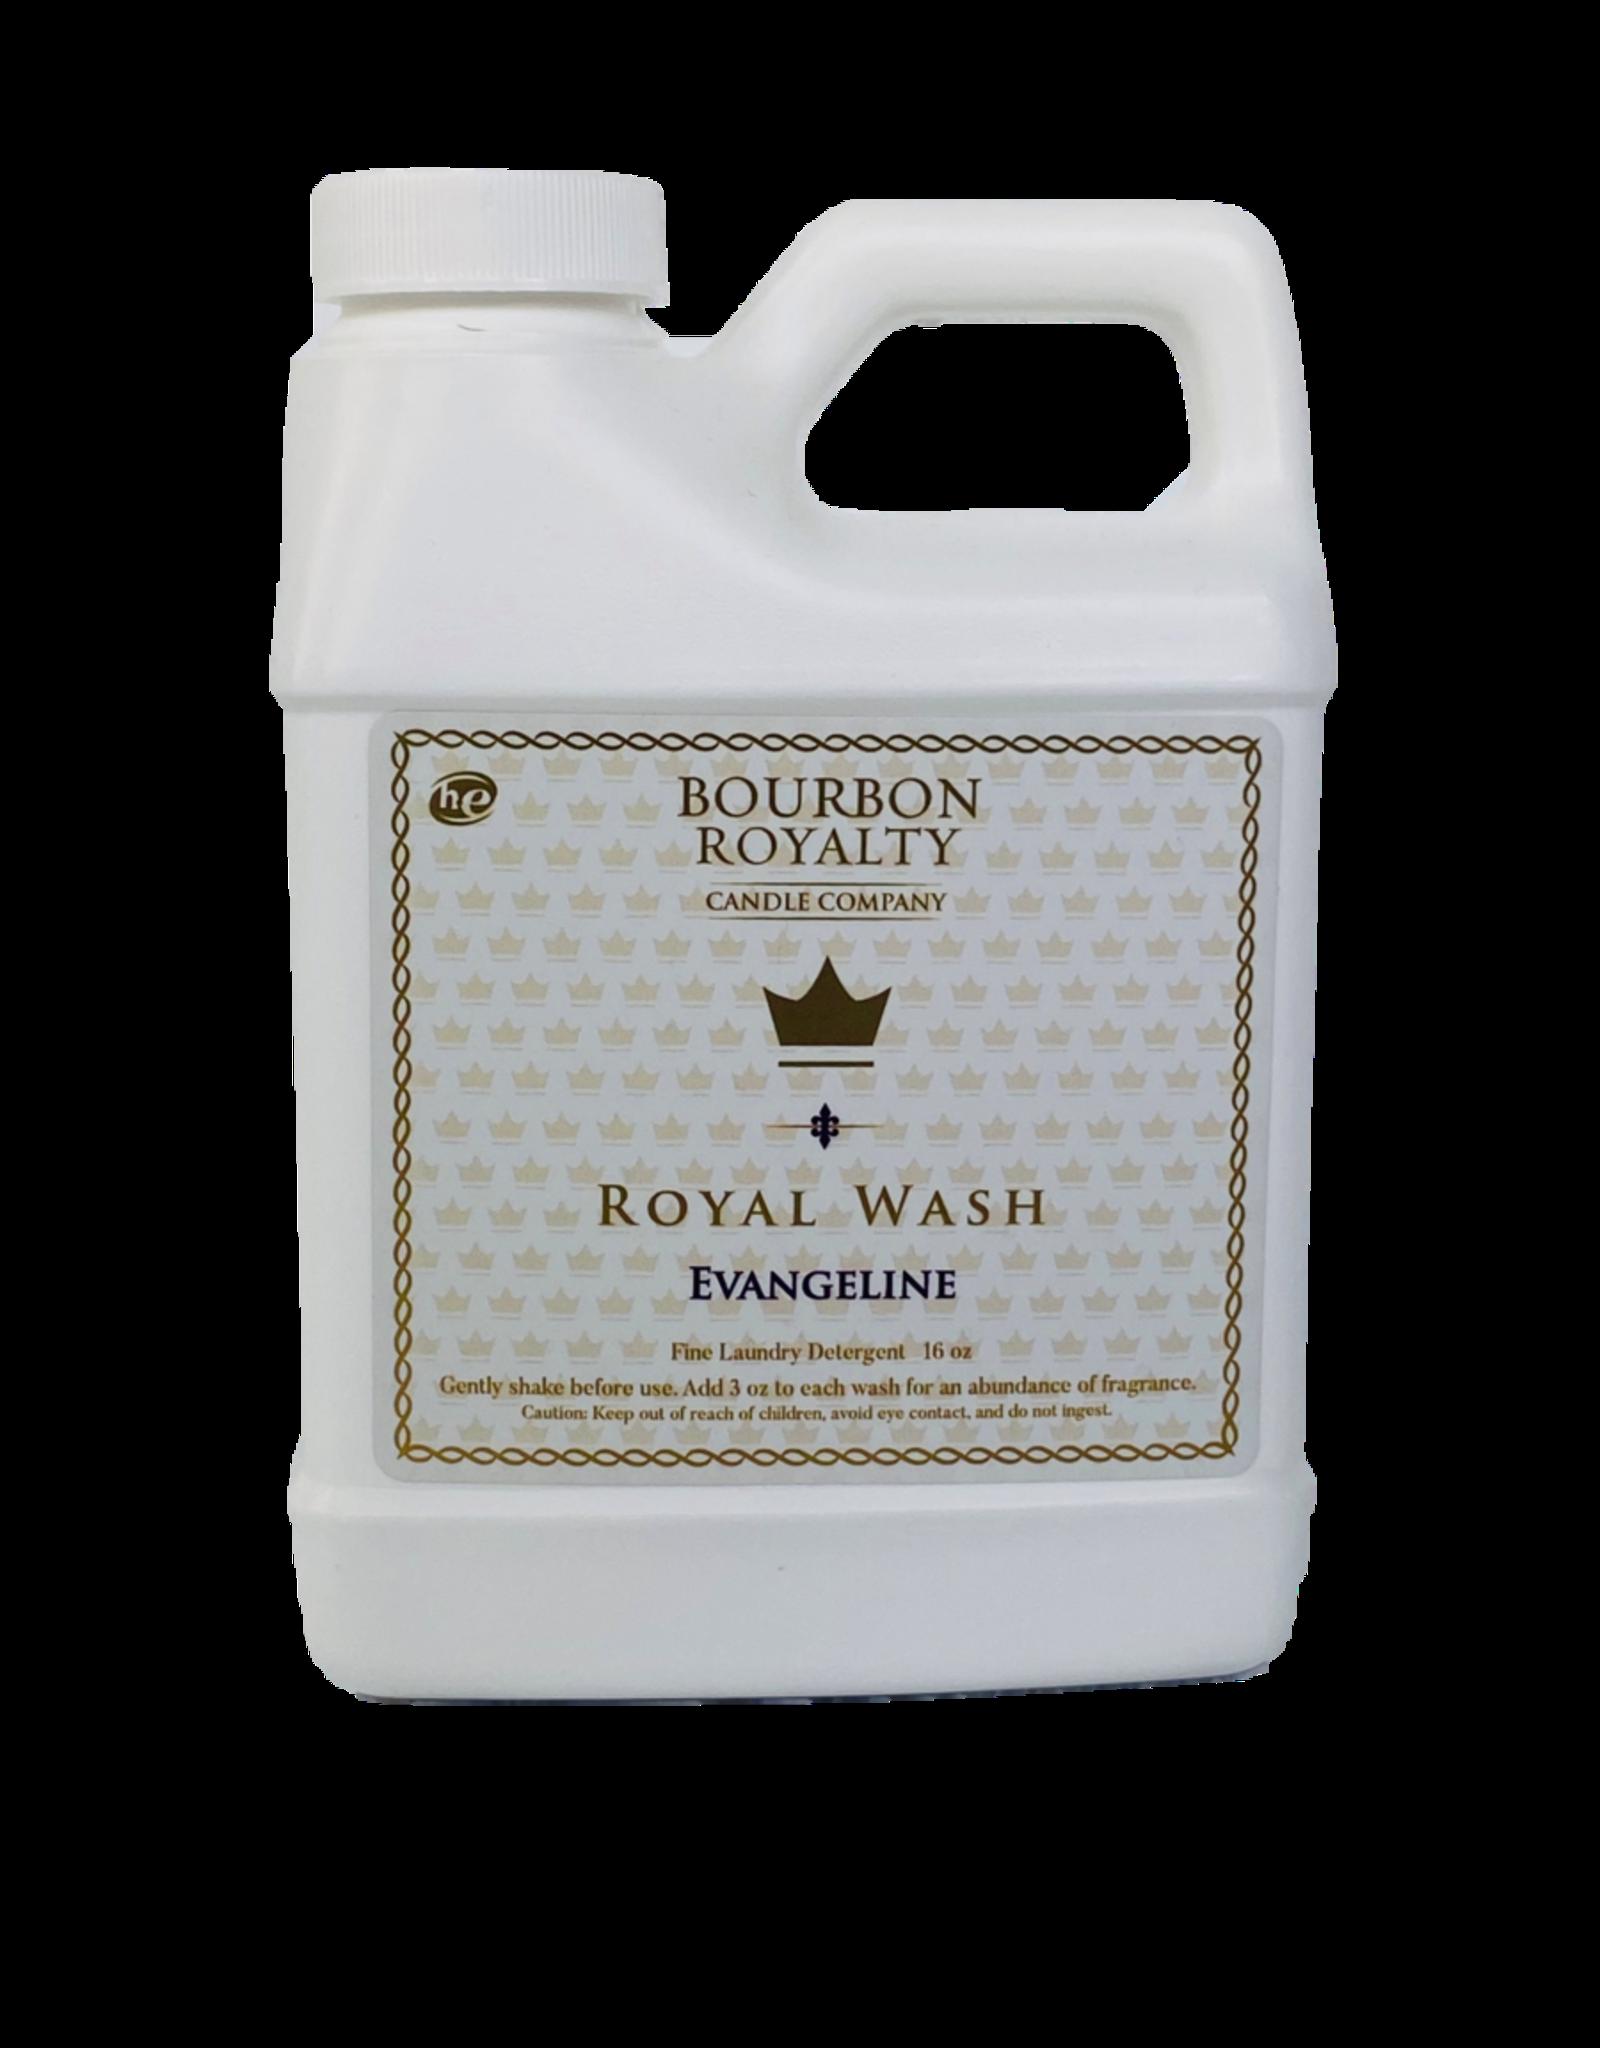 Royal Wash- Evangeline 16 oz.